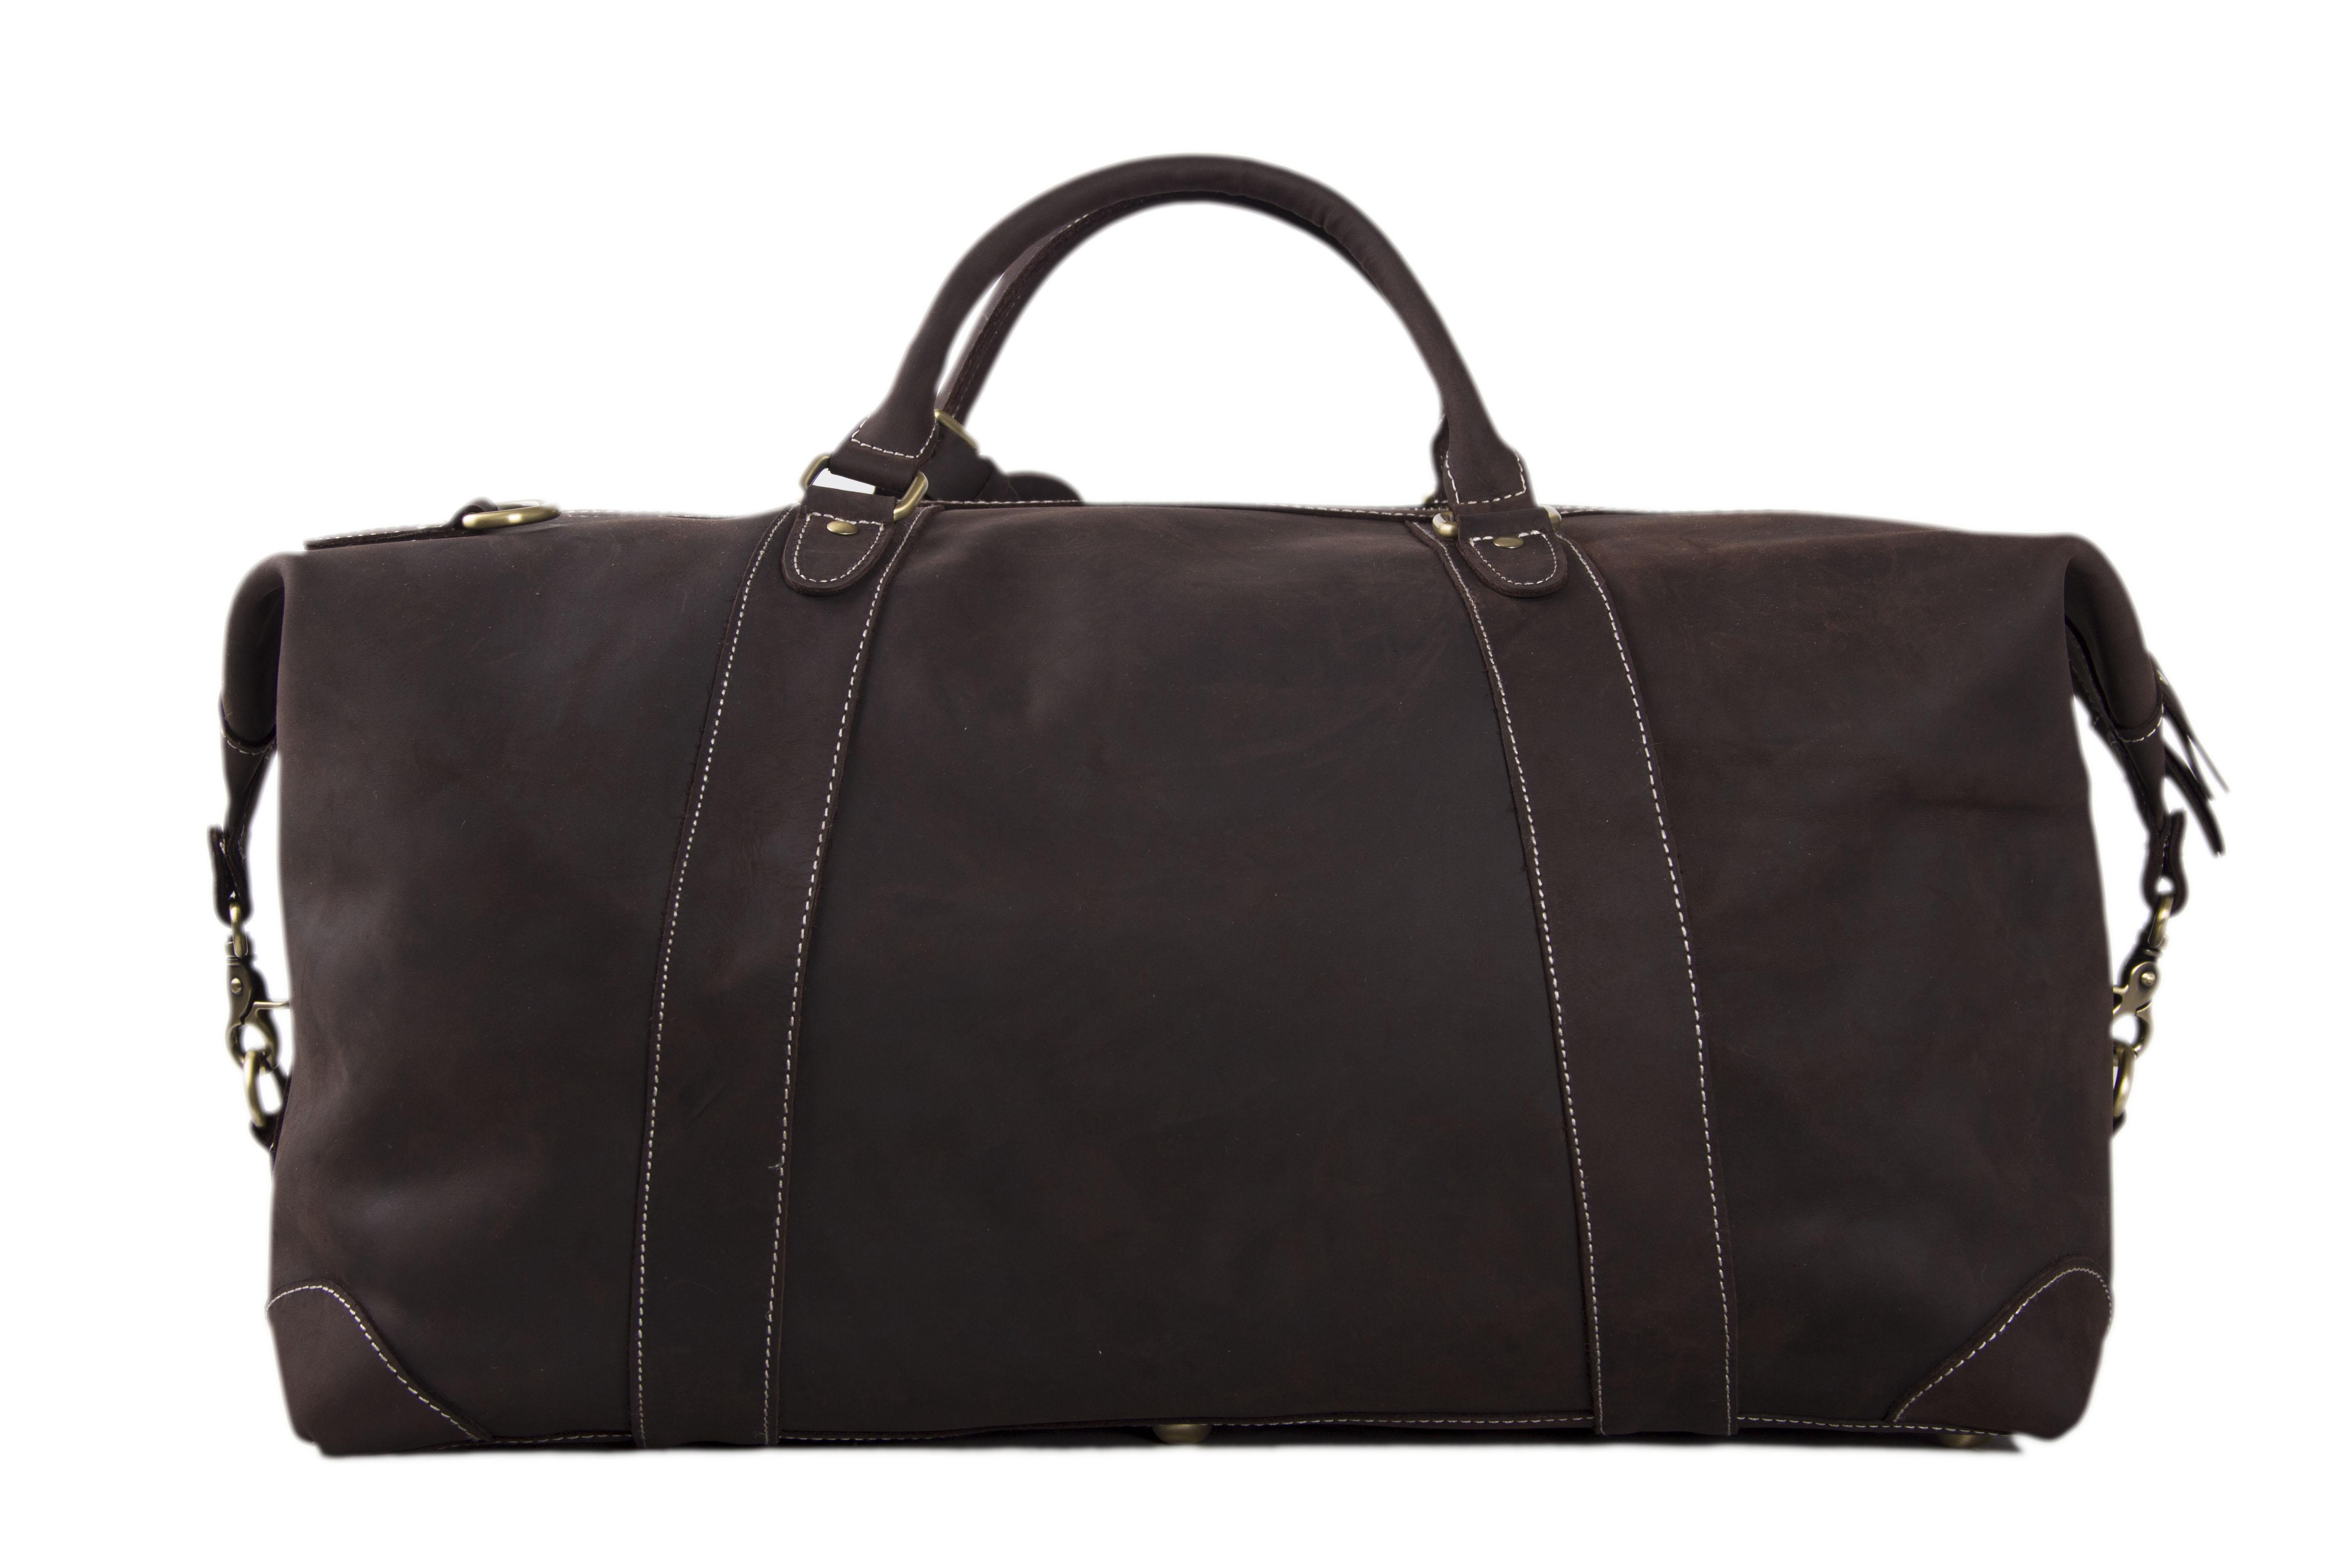 ... Handmade Vintage Genuine Cowhide Leather Travel Bag   Duffle Bag   Weekender  Bag DZ07 - Thumbnail ... 79674ac8781bc